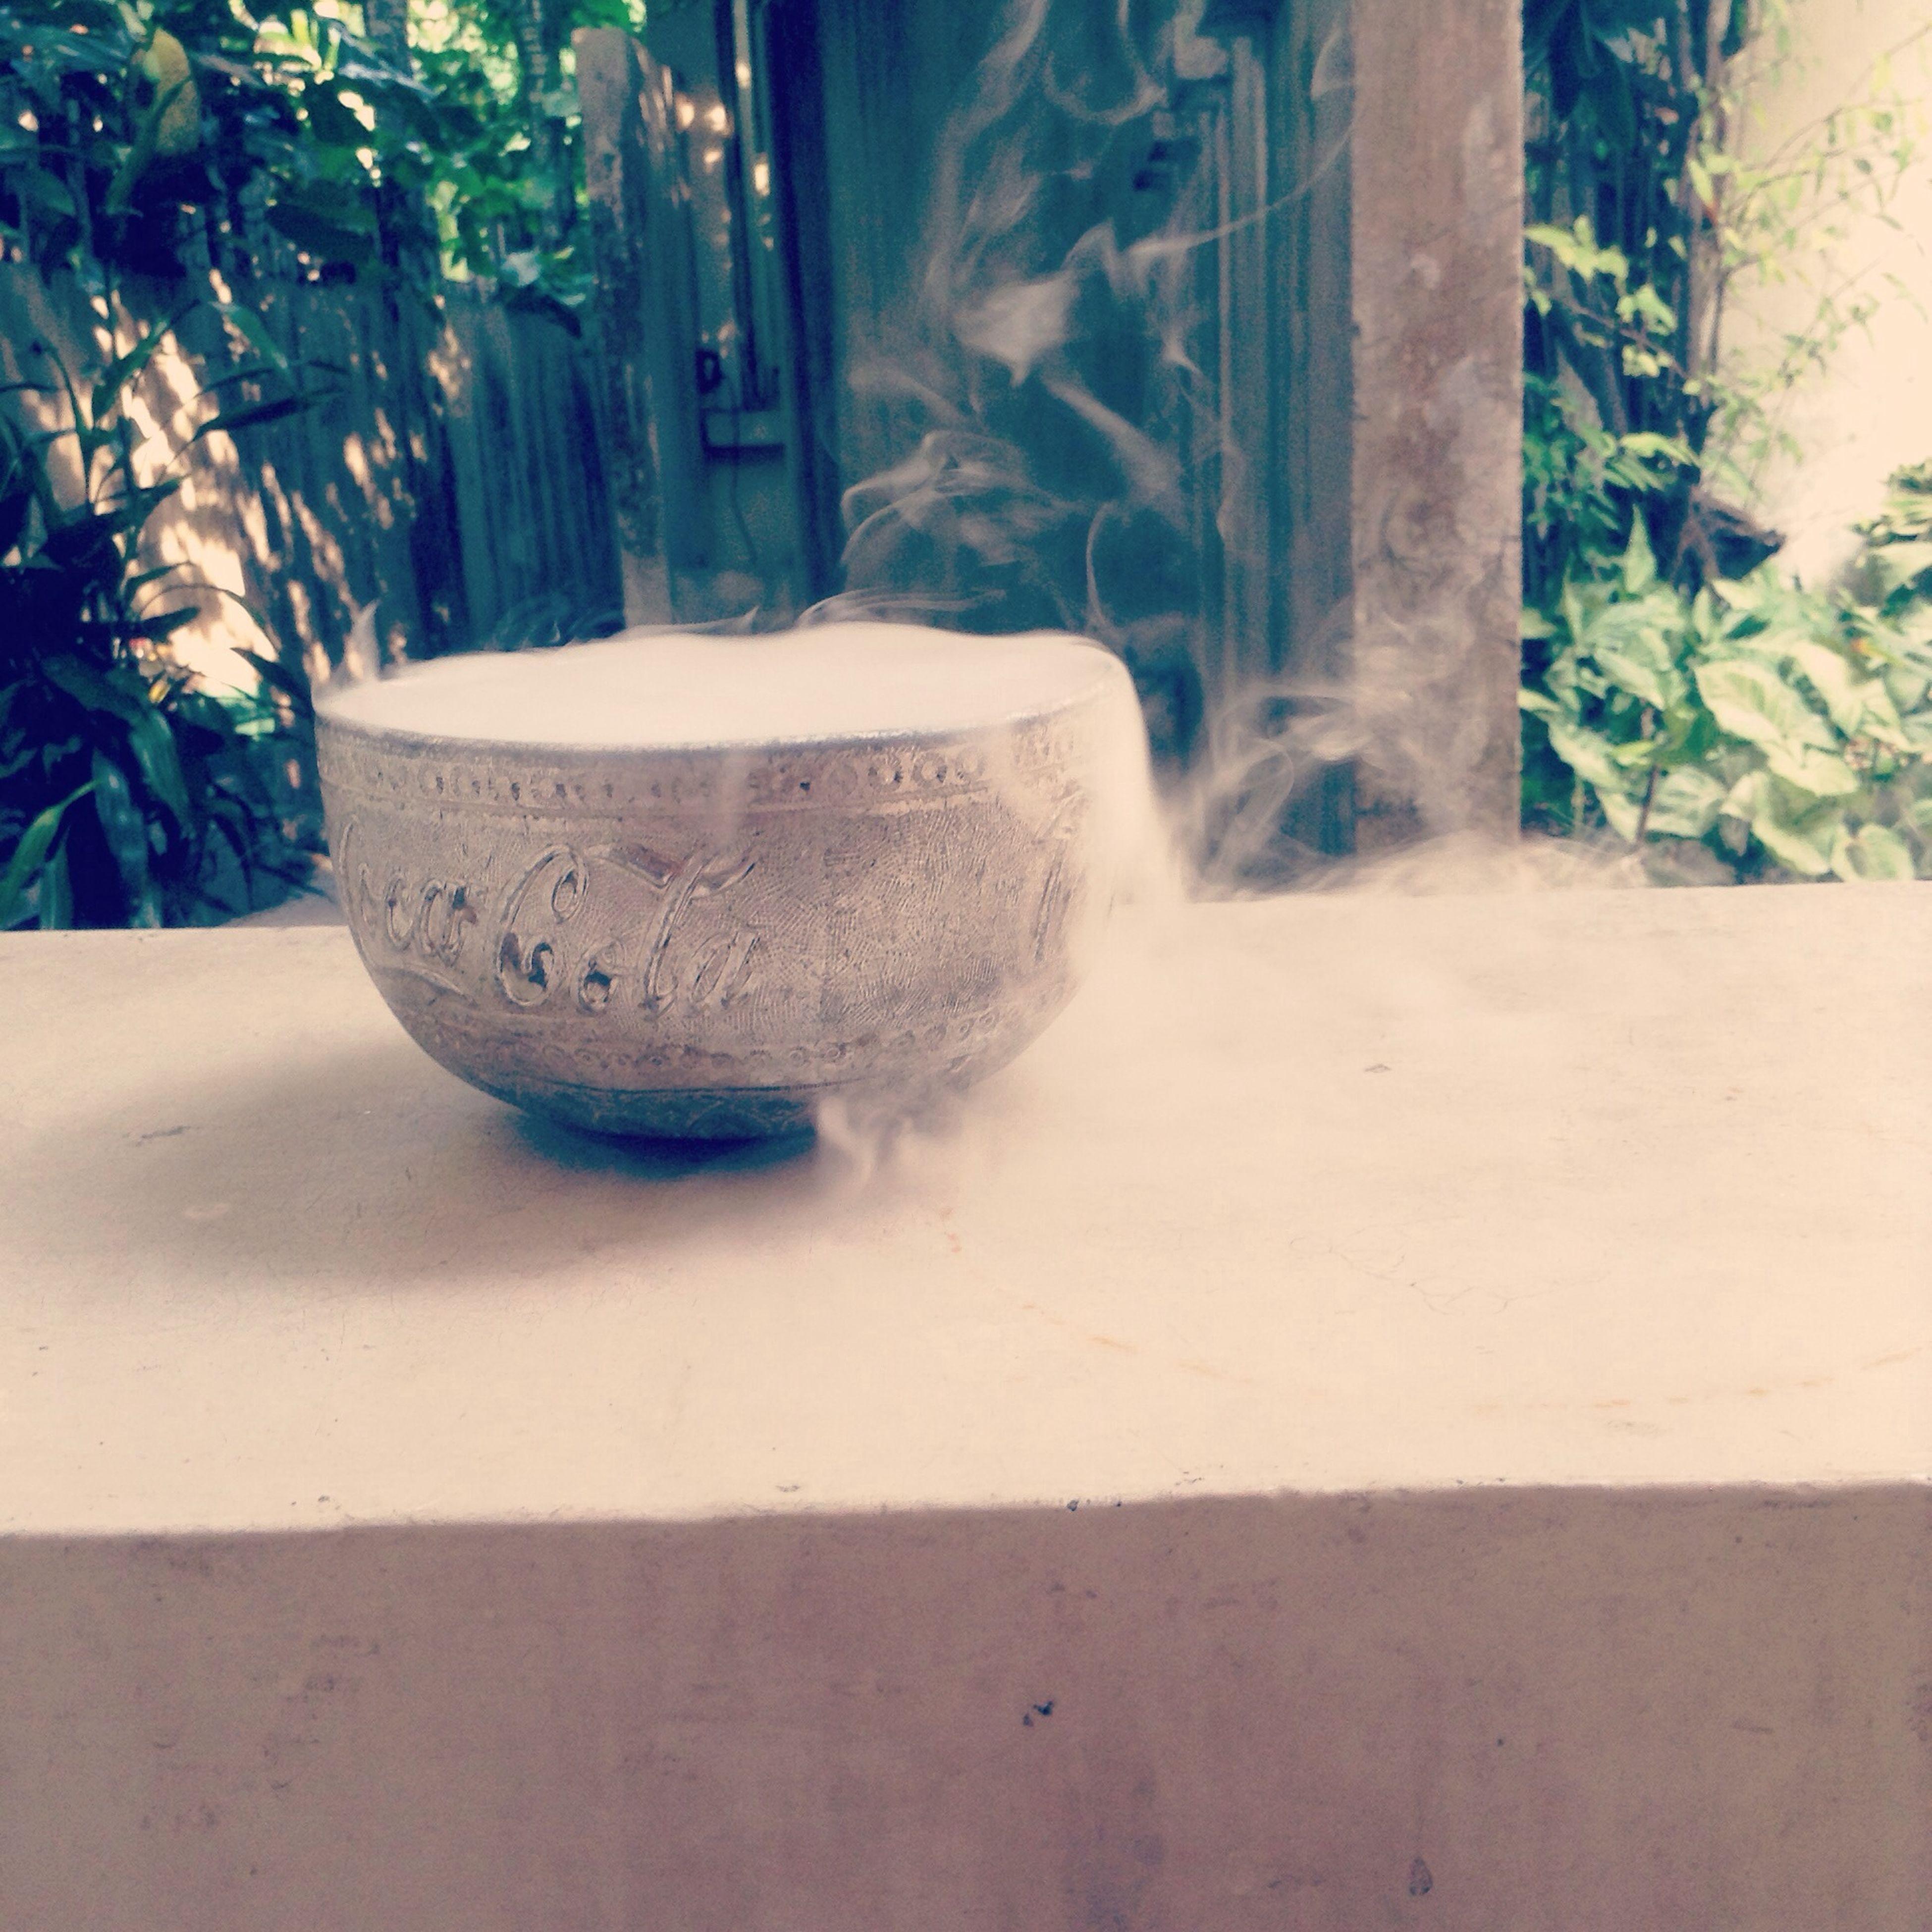 R u see this smoke ㄲㄲㄲㄲ ?? Smoke My House